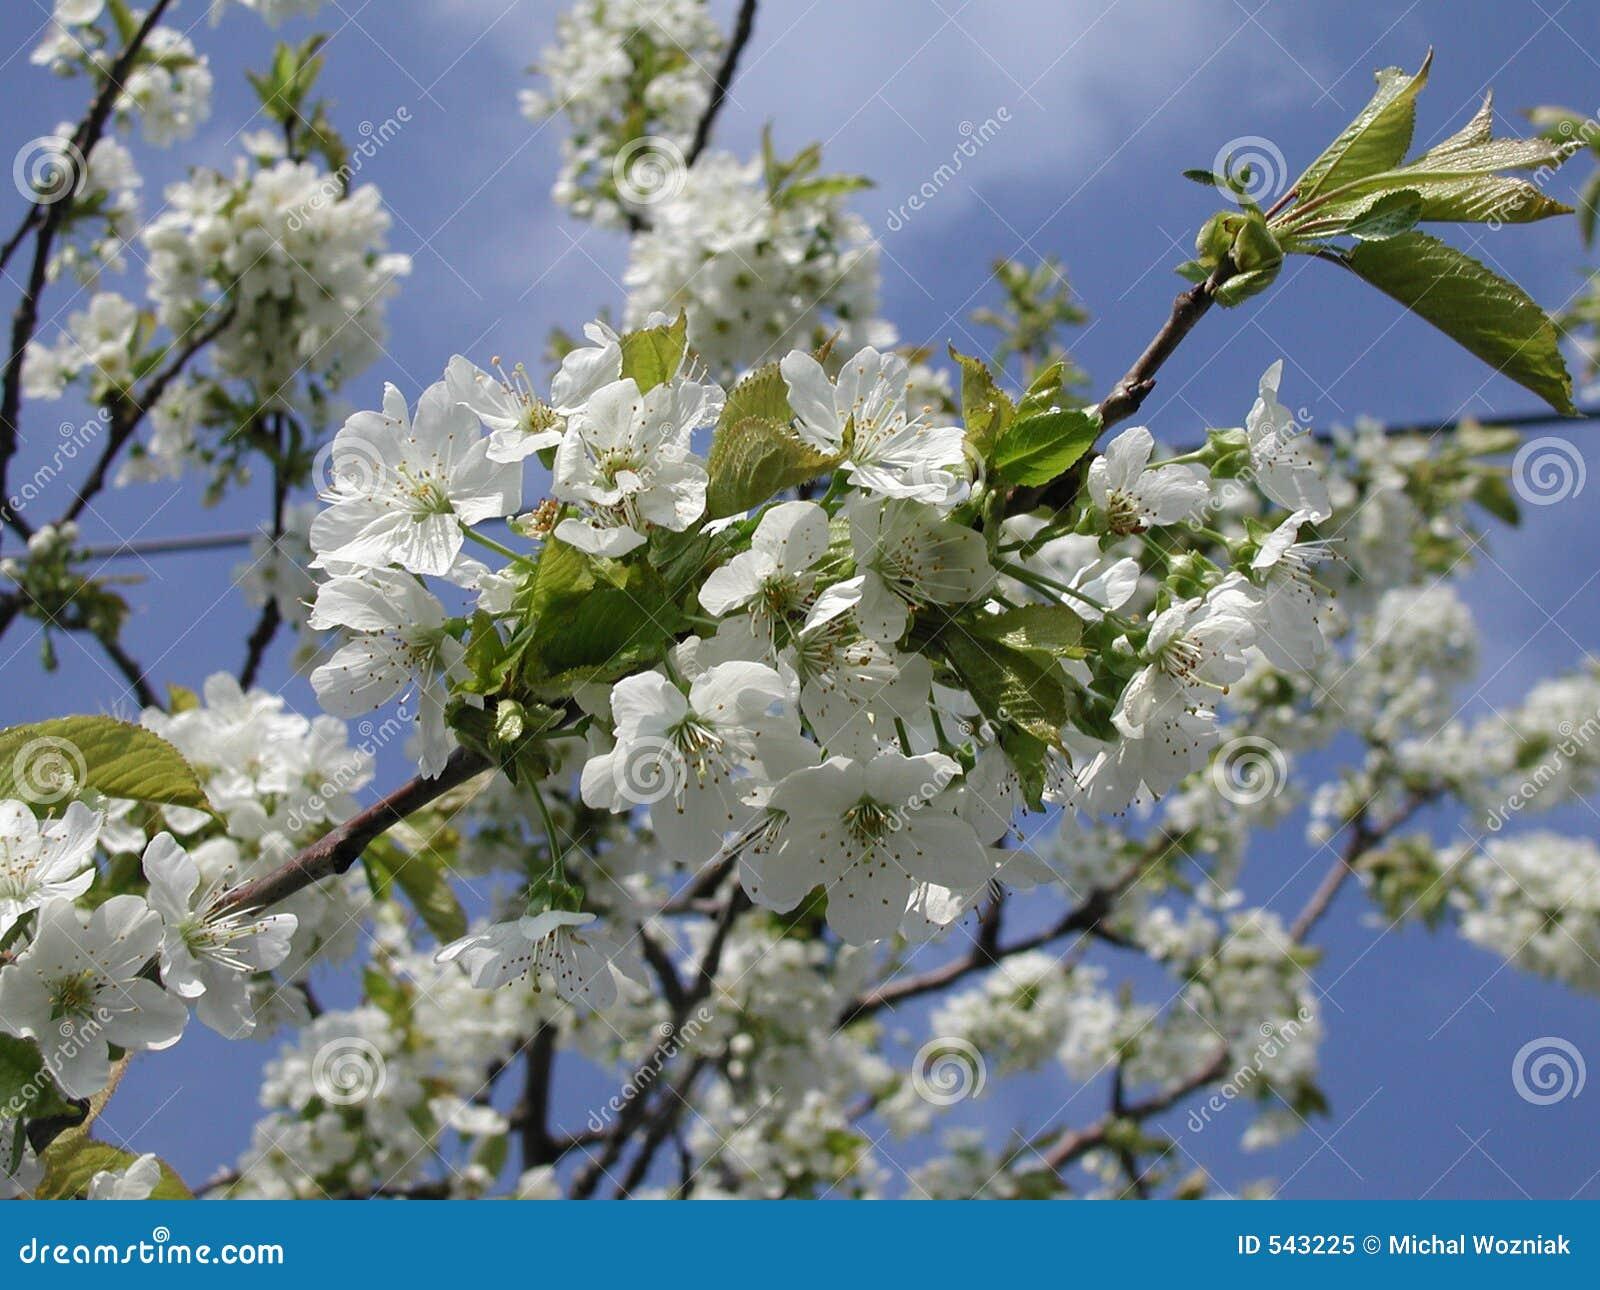 Download 樱桃树 库存图片. 图片 包括有 开花, 樱桃, 简单, 室外, 庭院, 蓝色, 开花的, 虚拟, beautifuler - 543225